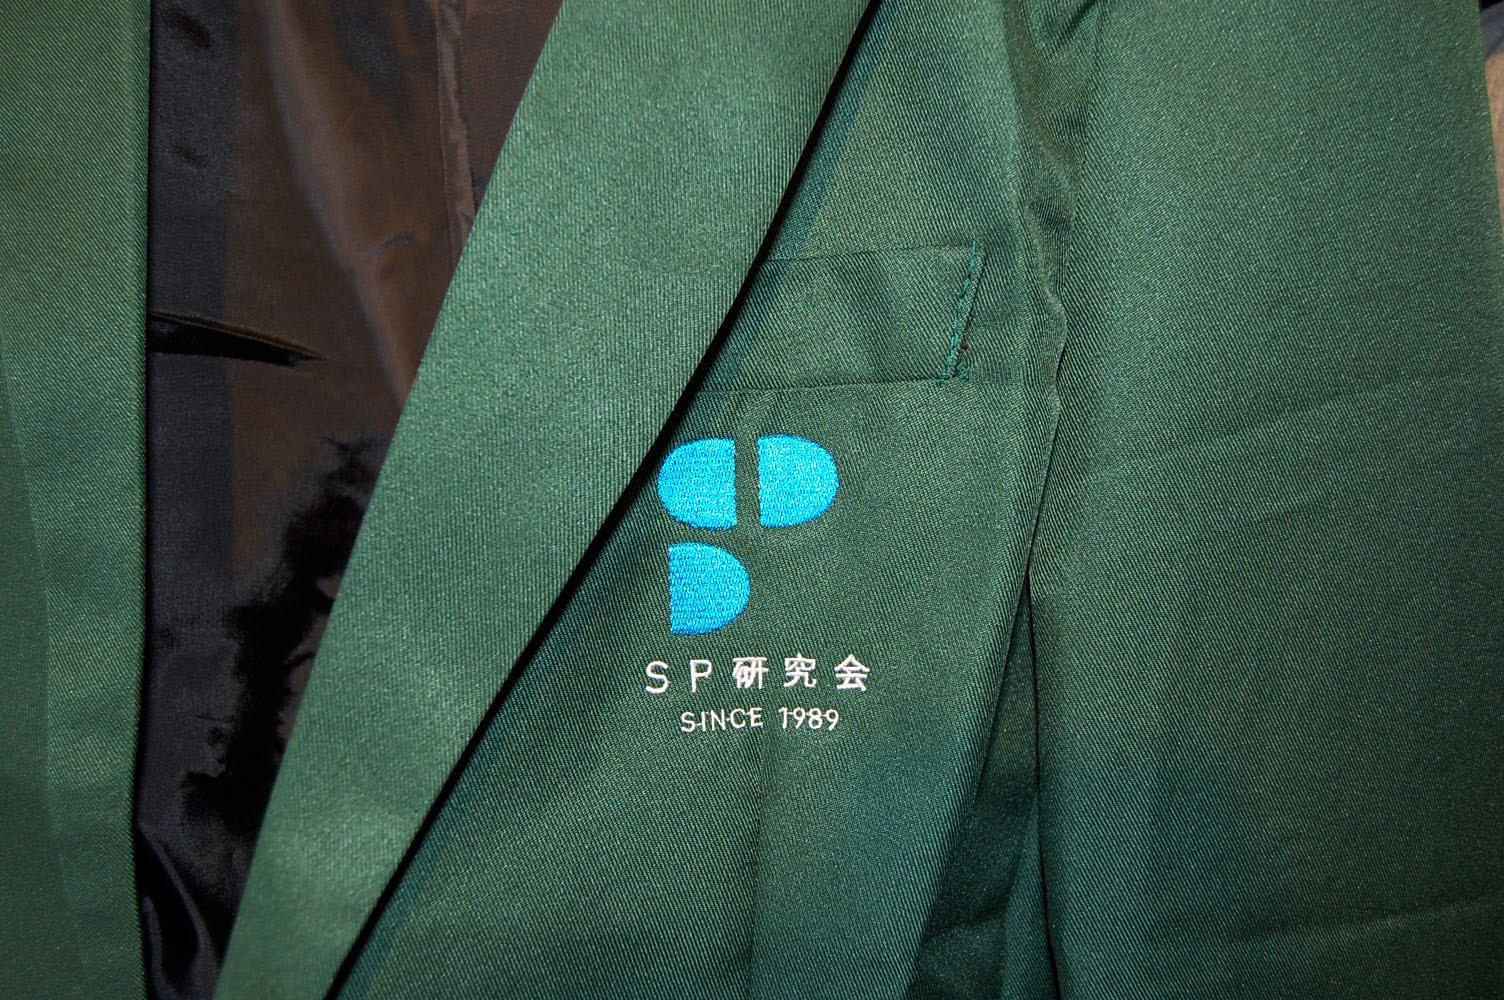 持ち込みのジャケットにオリジナル刺繍を入れました!_e0260759_09573428.jpg